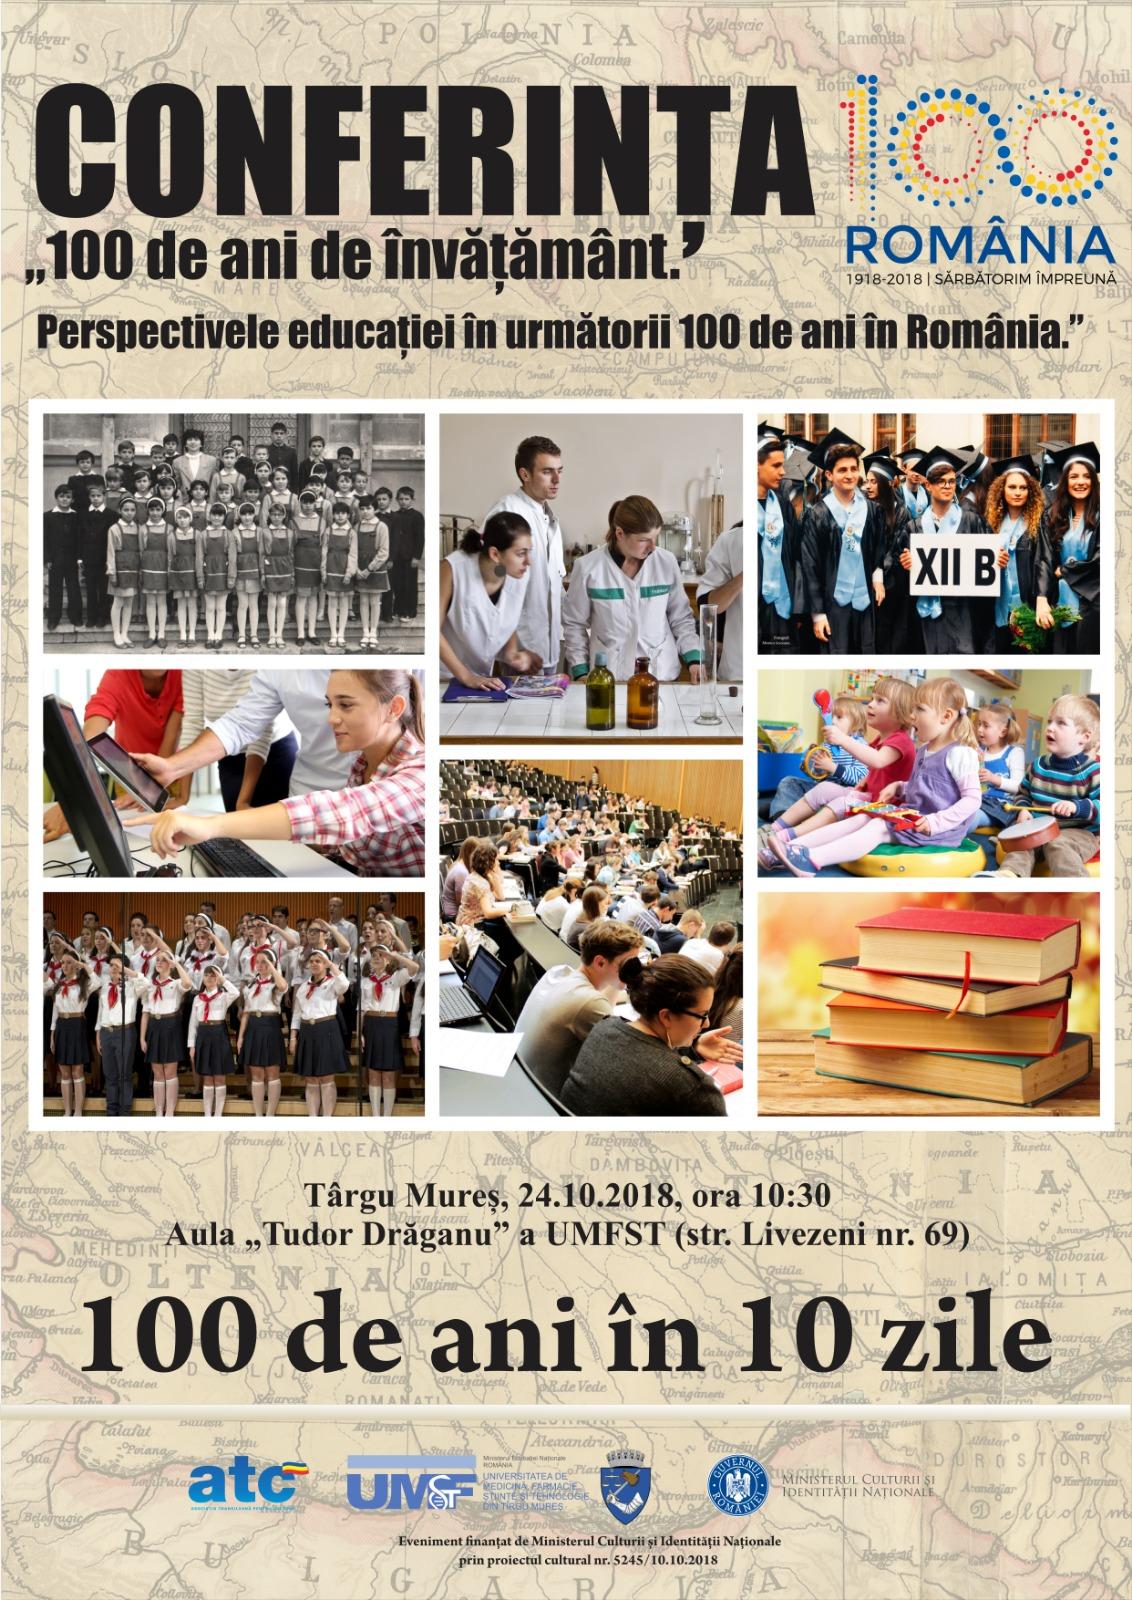 100 de ani de invatamant